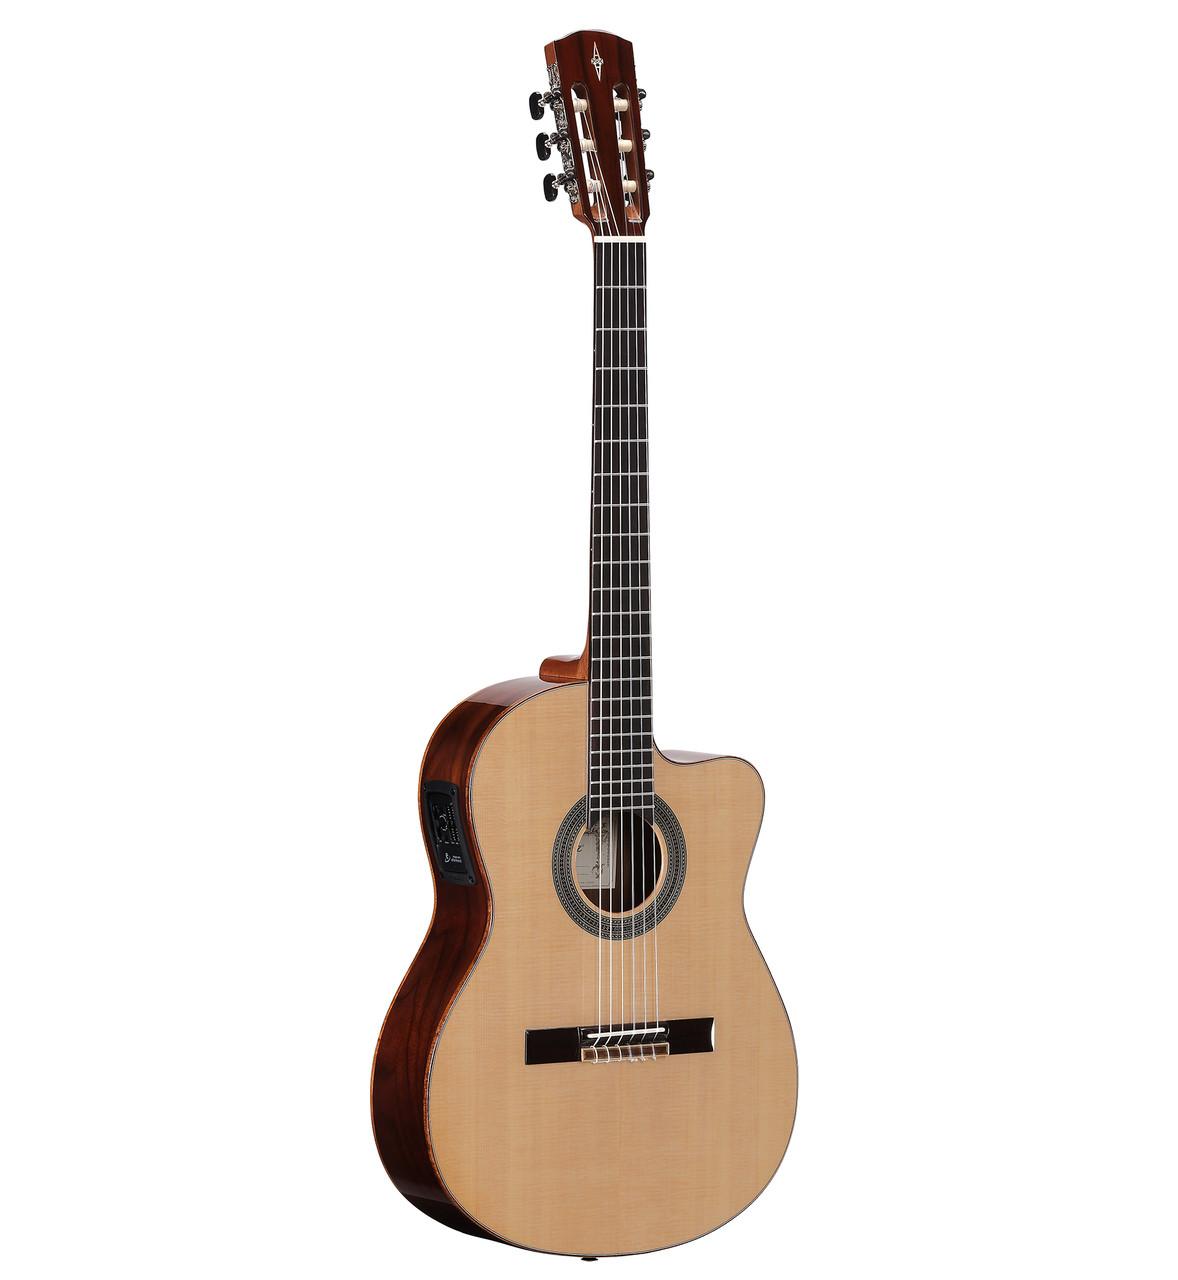 Alvarez Cadiz CC7HCE Concert Classical Hybrid Guitar